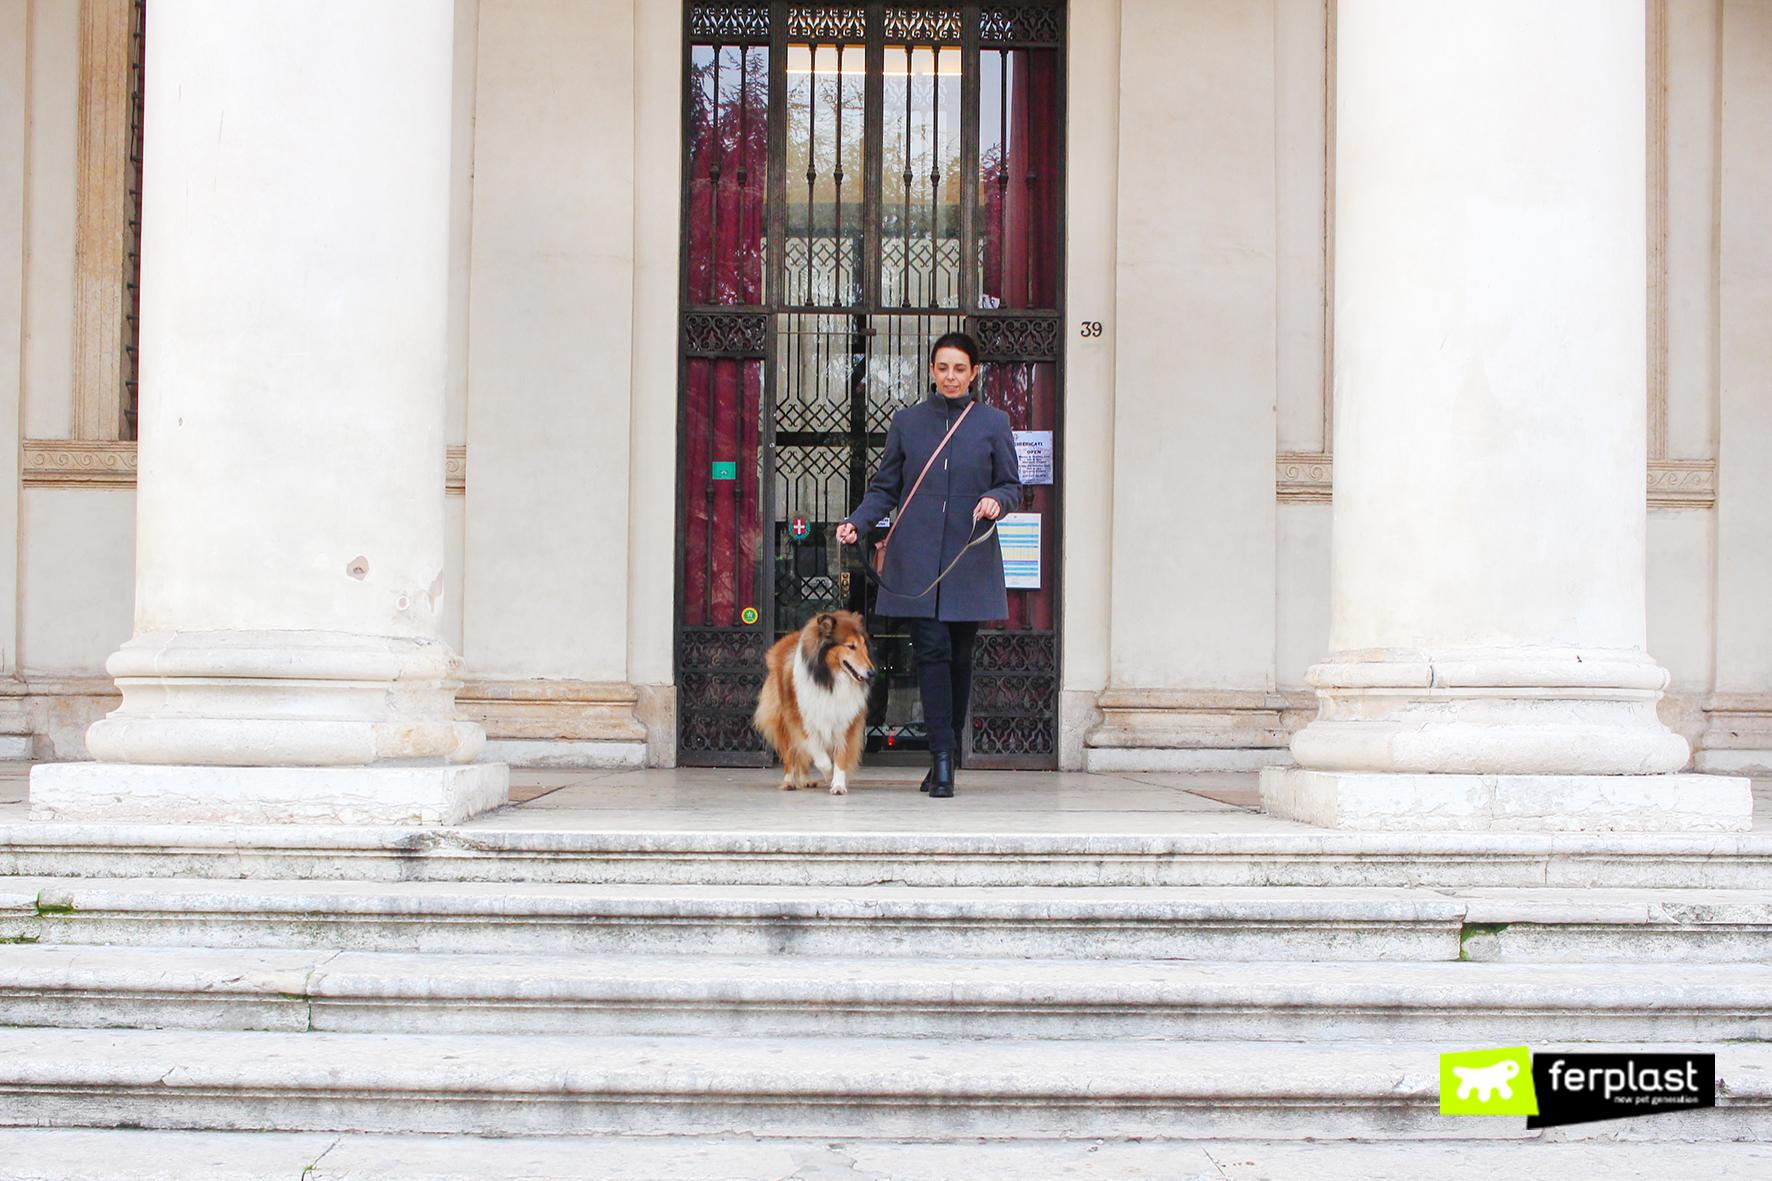 feplast2-blog-portare-il-cane-al-museo-in-italia-museo-cinema-torino-palazzo-madama